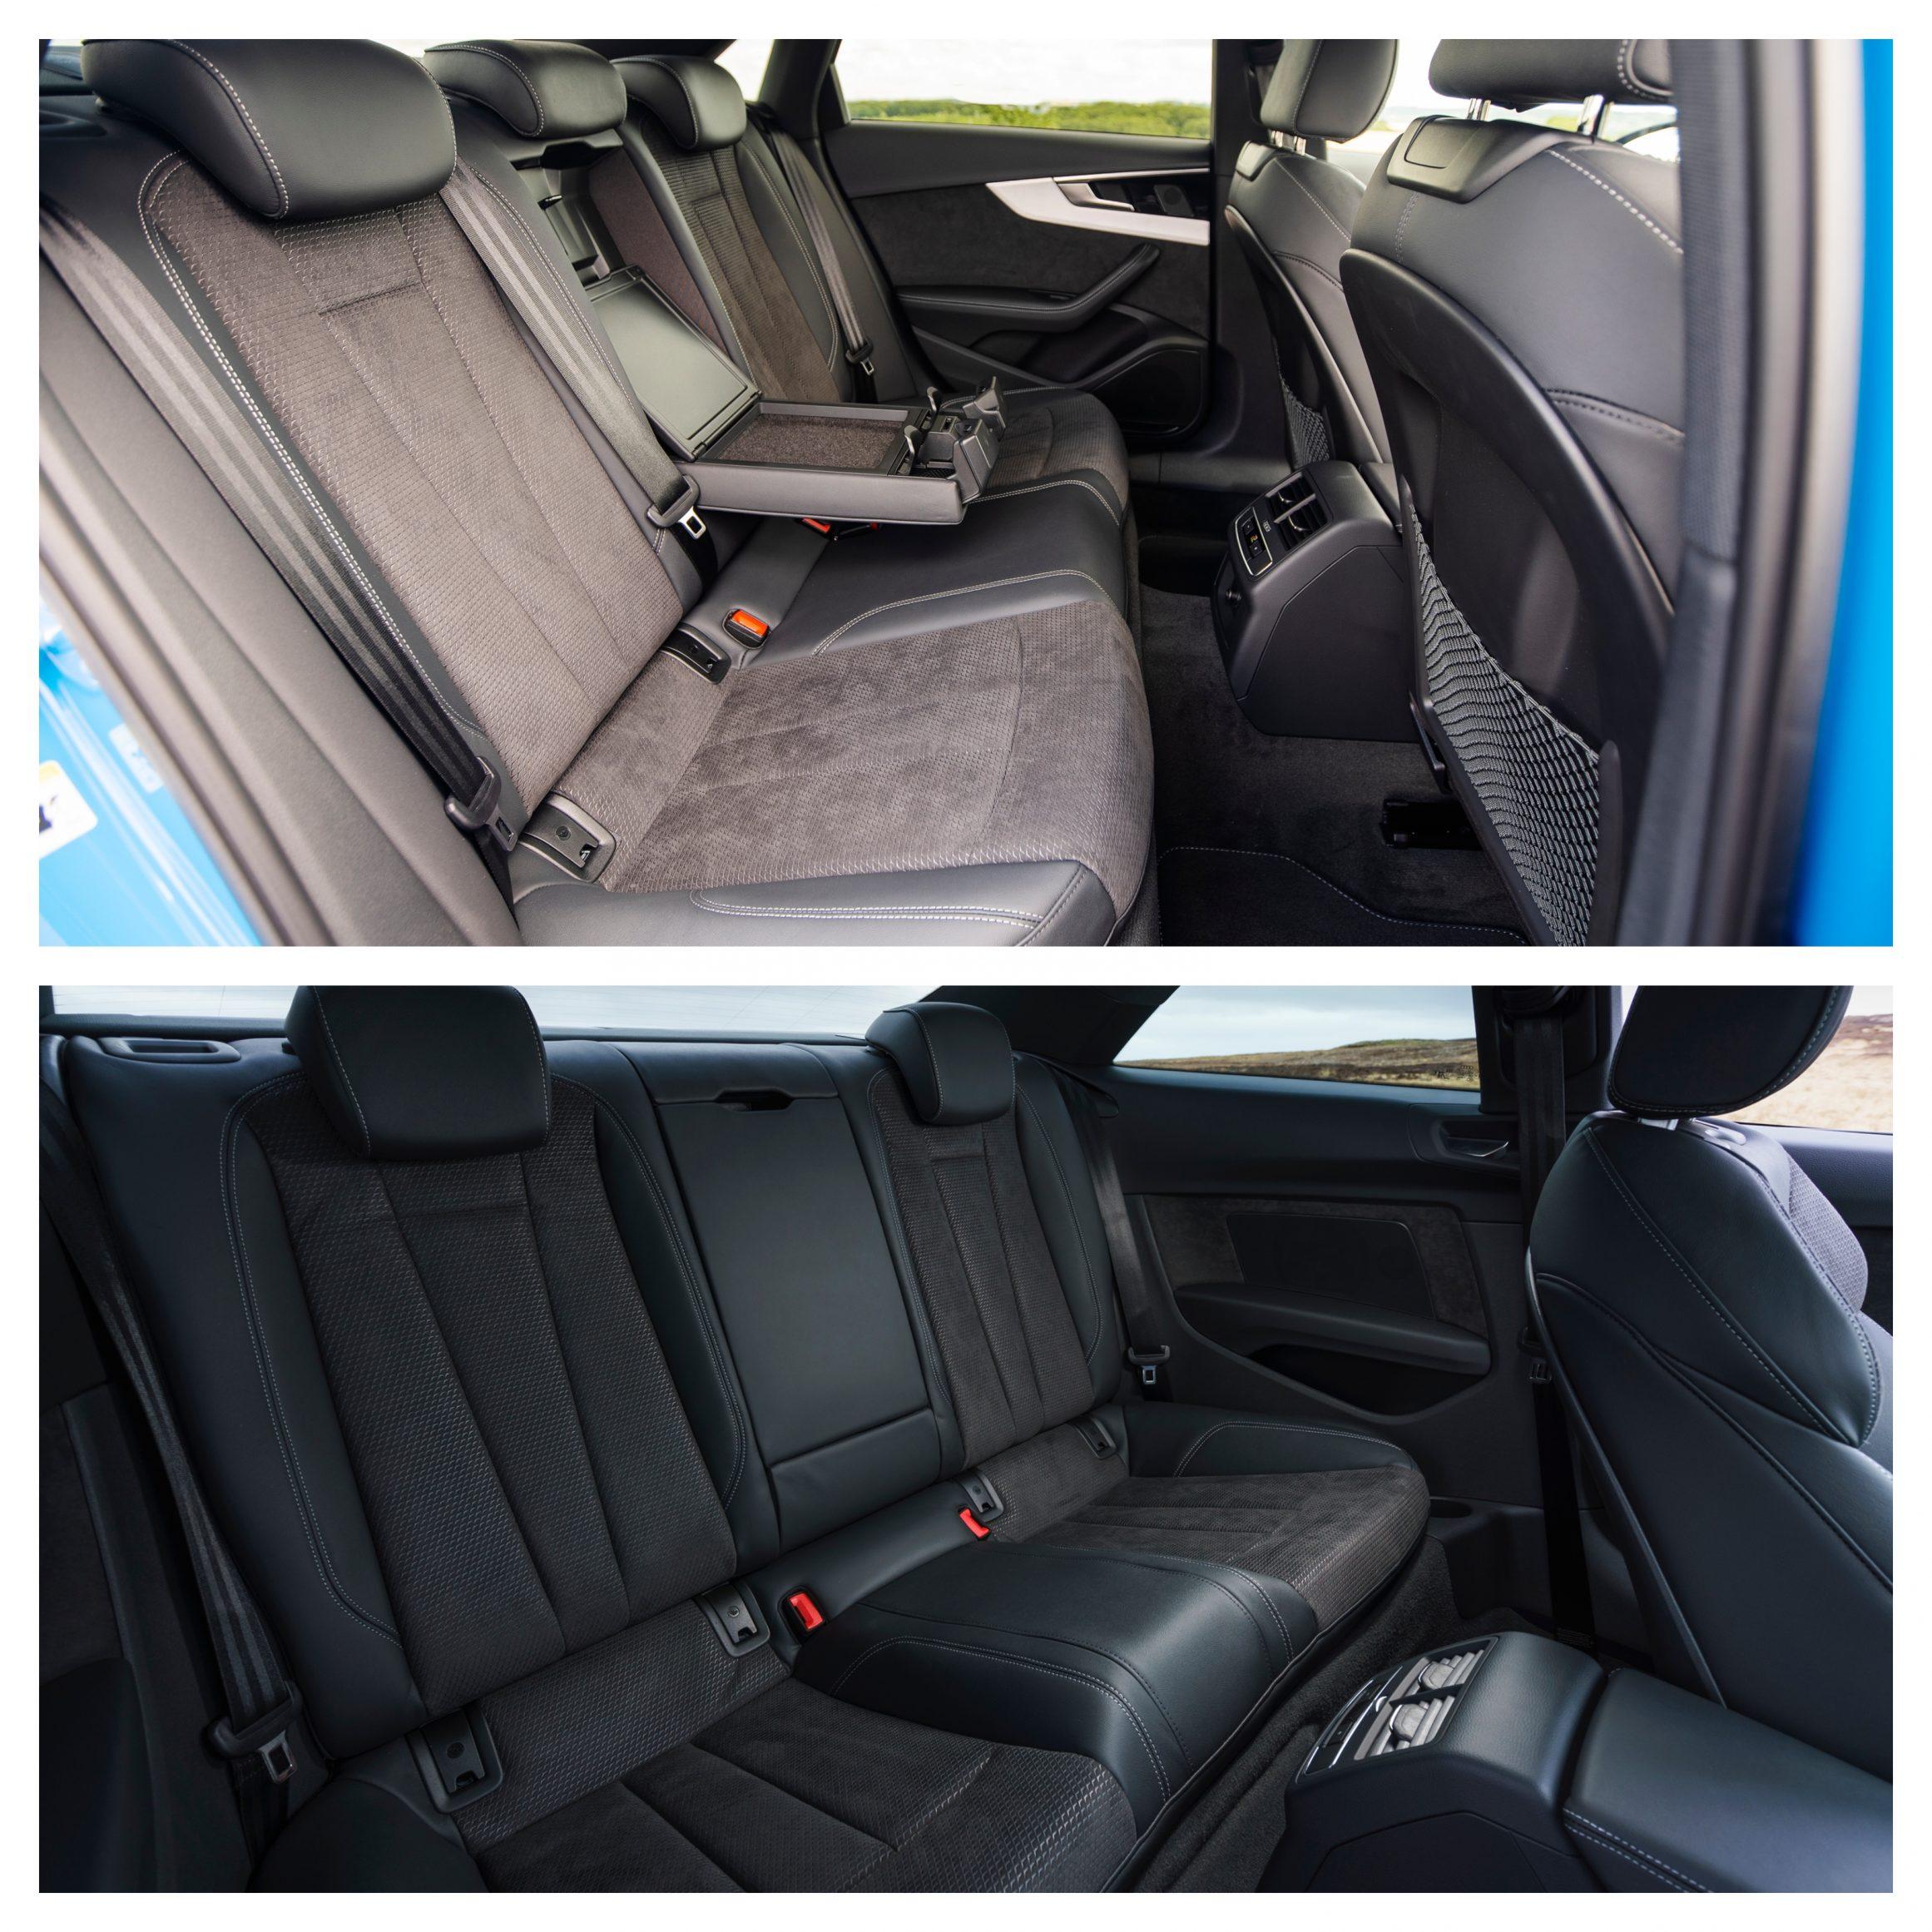 Audi A4 Vs Audi A5 - interior space